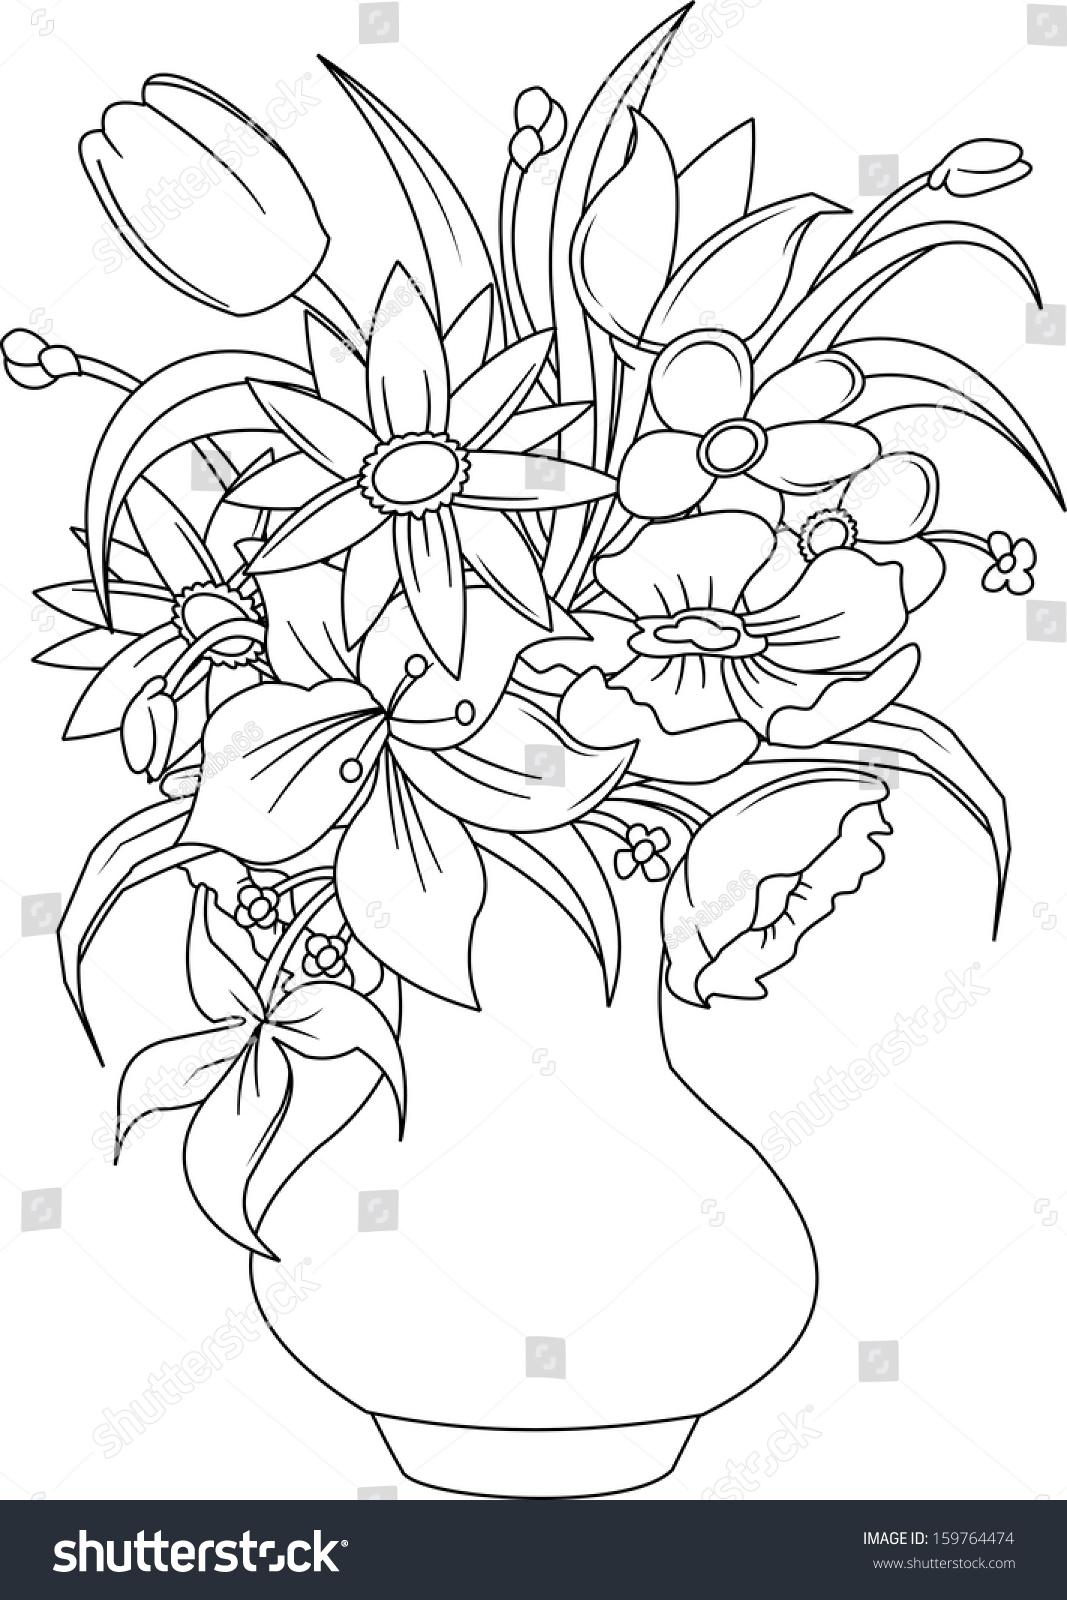 简笔画 手绘 线稿 1066_1600 竖版 竖屏